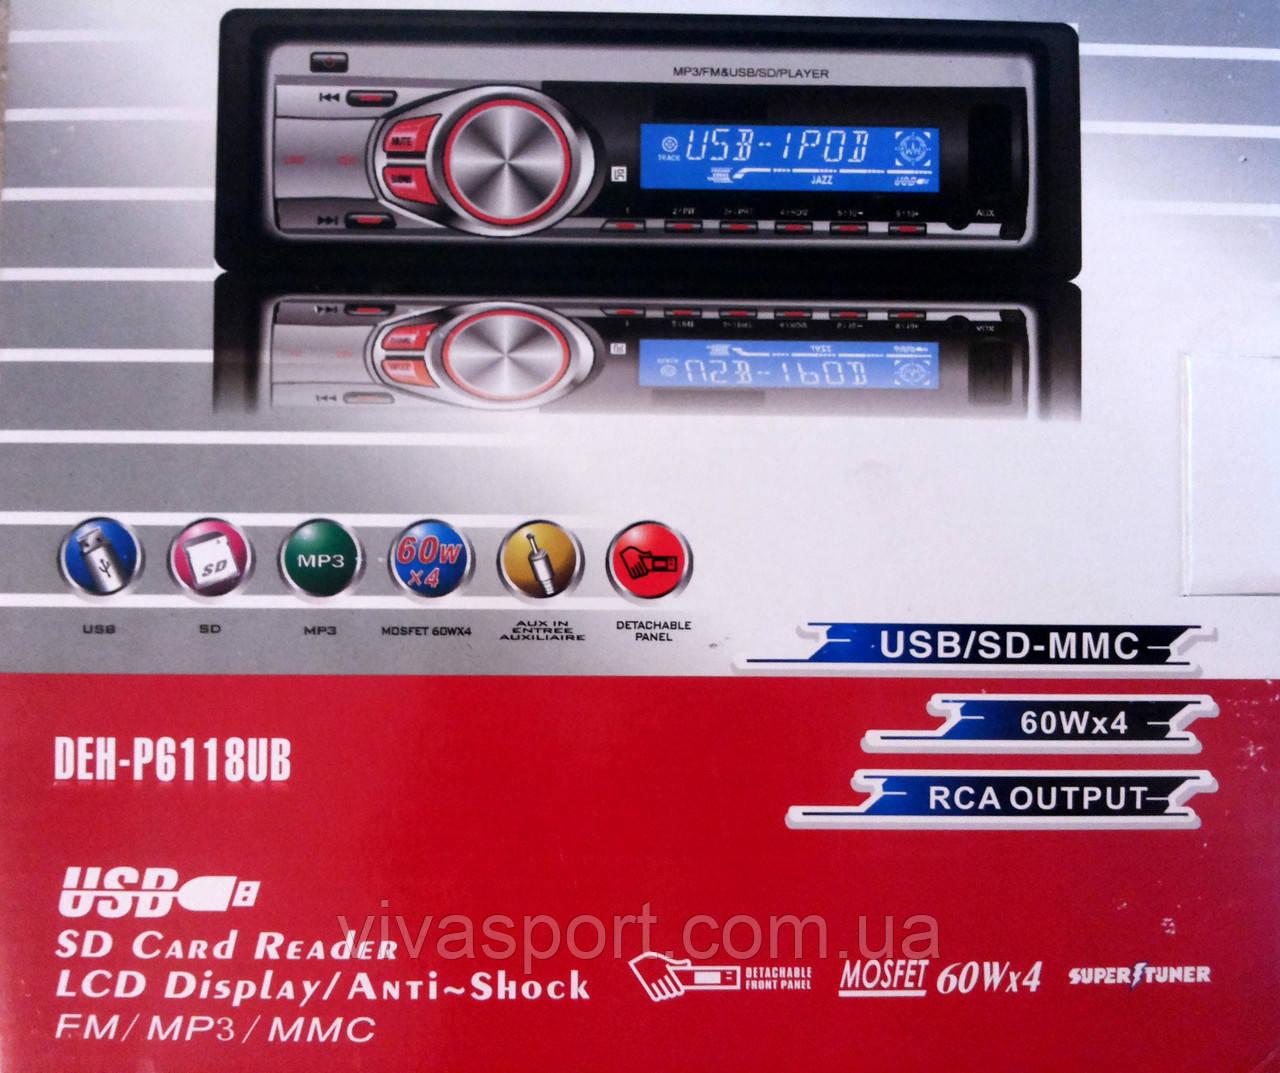 Автомагнитола со съемной панелью DEH-P6118UB